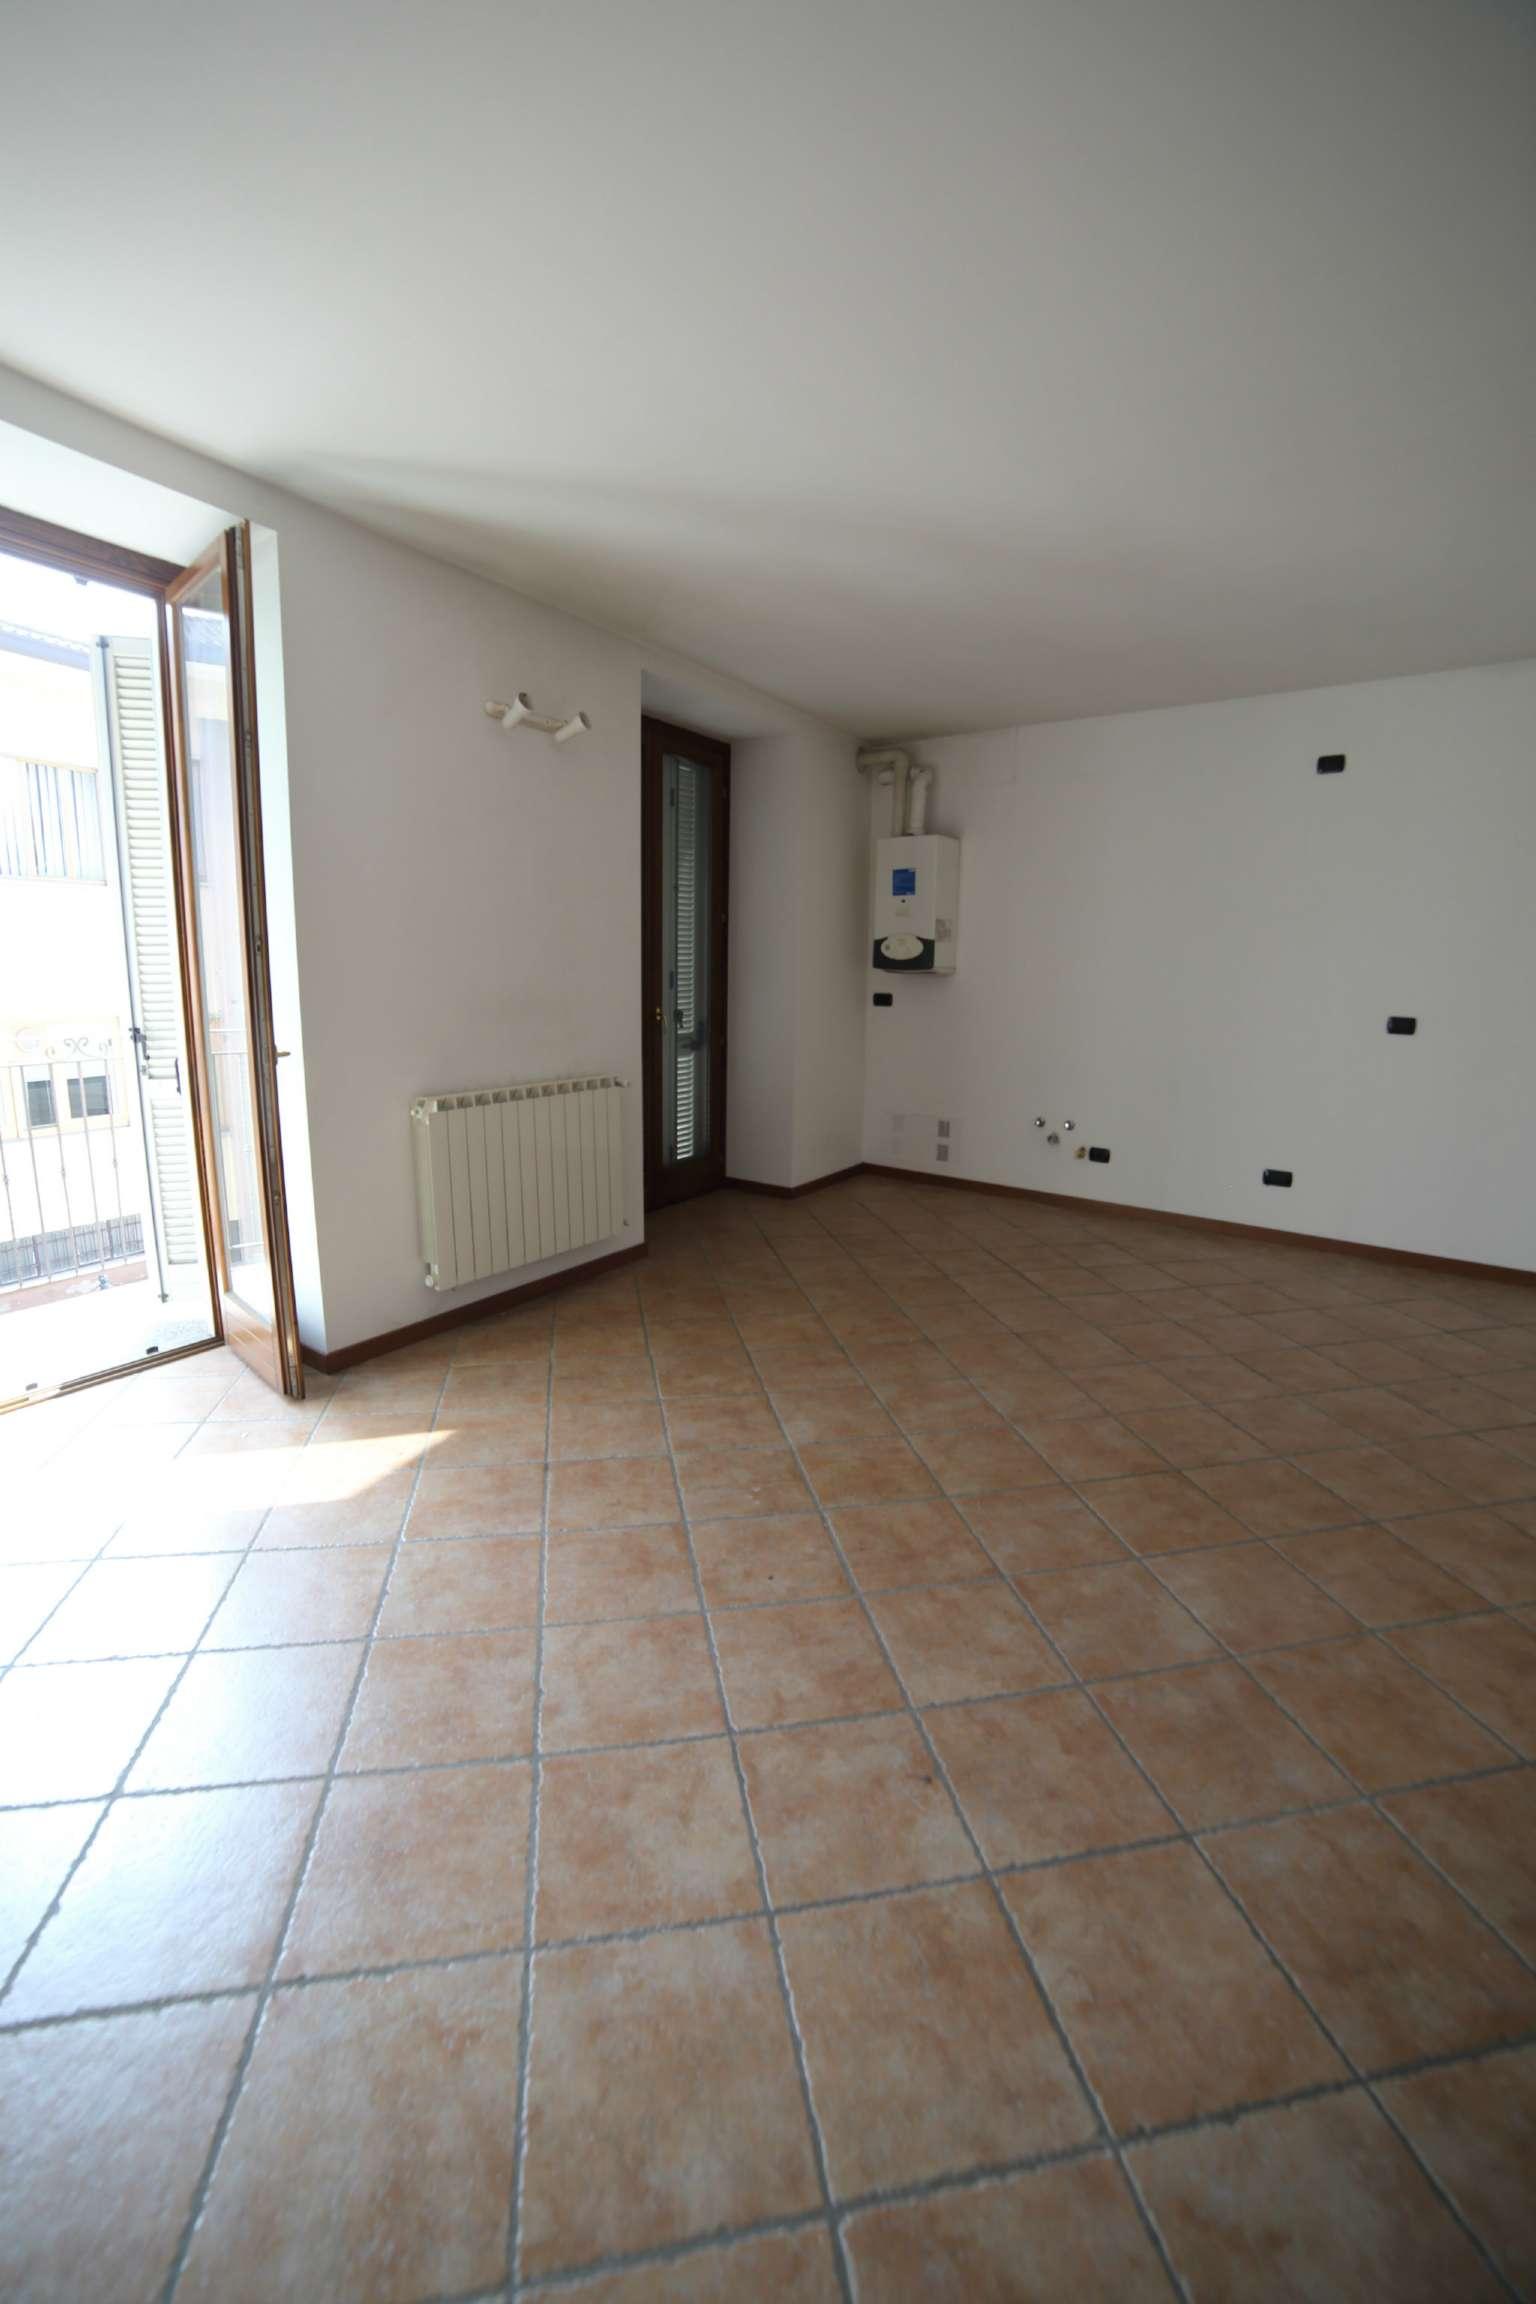 Appartamento in vendita a Besano, 2 locali, prezzo € 100.000 | Cambio Casa.it